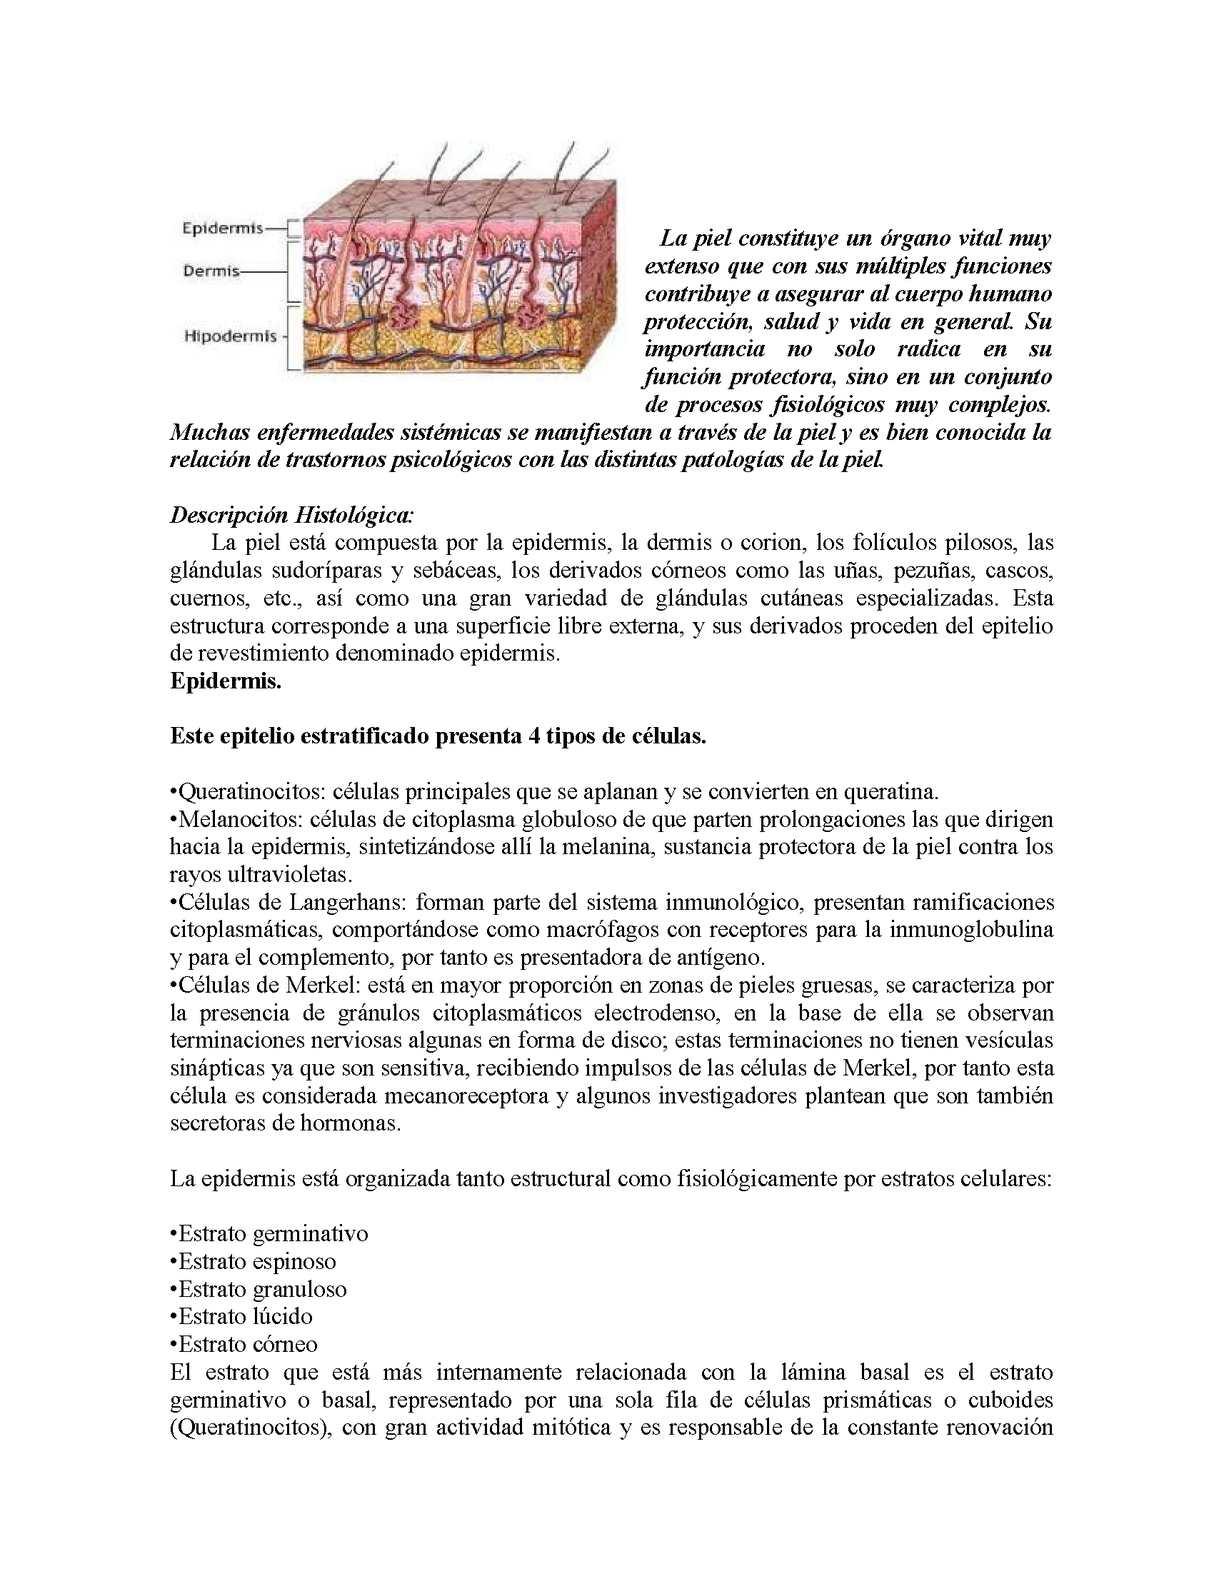 el tratamiento de la celulitis por erisipela incluye